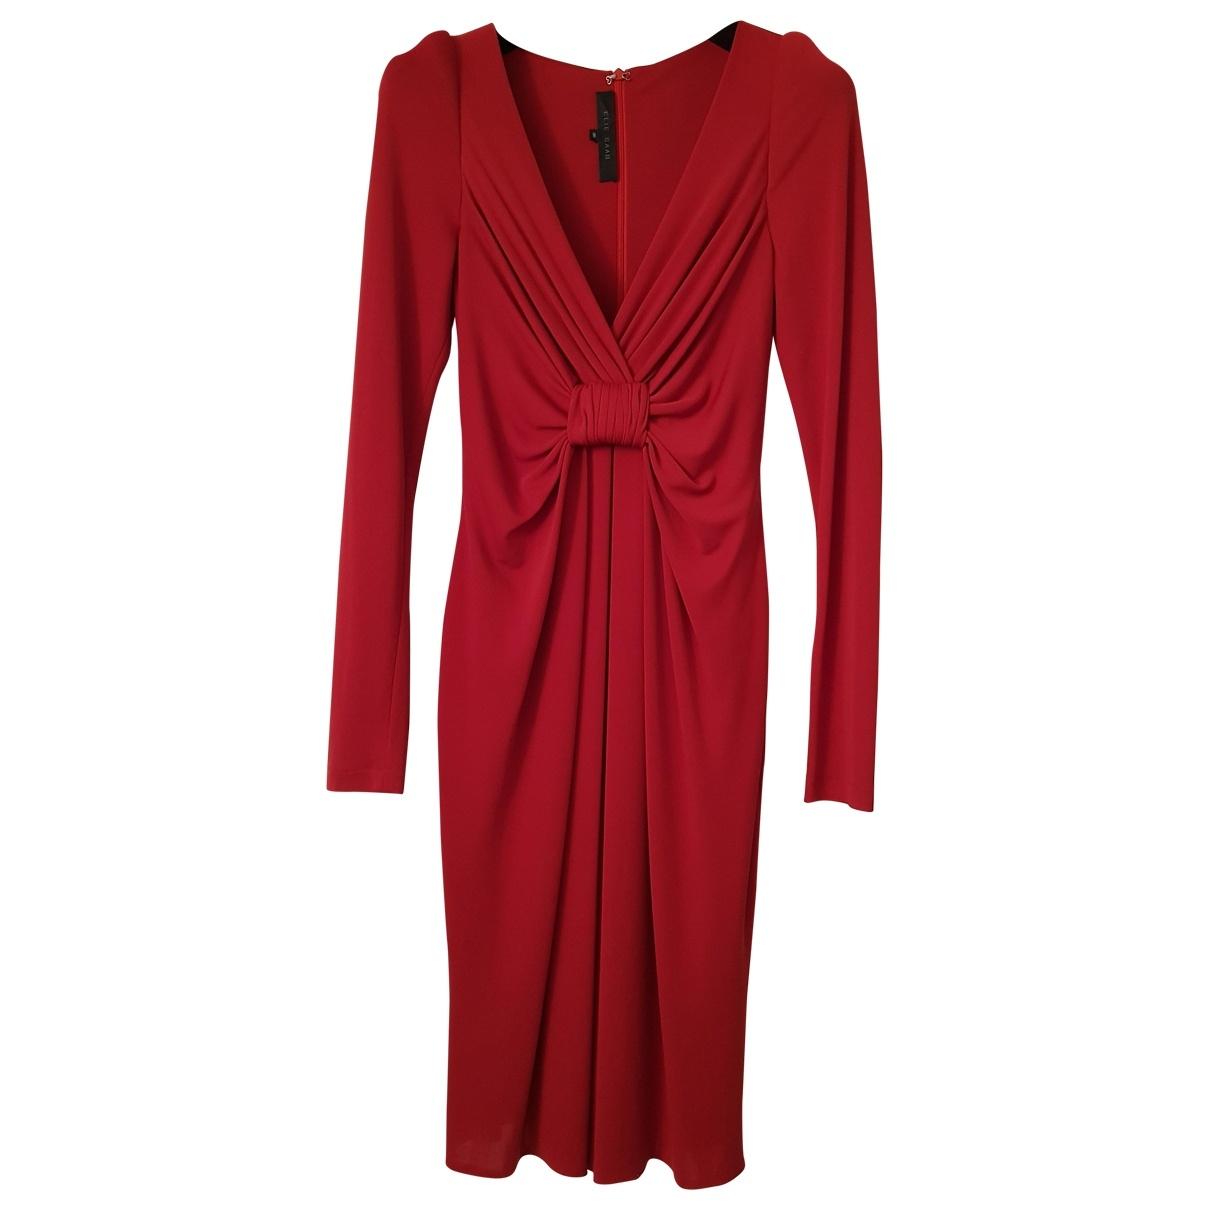 Elie Saab \N Red dress for Women 36 FR